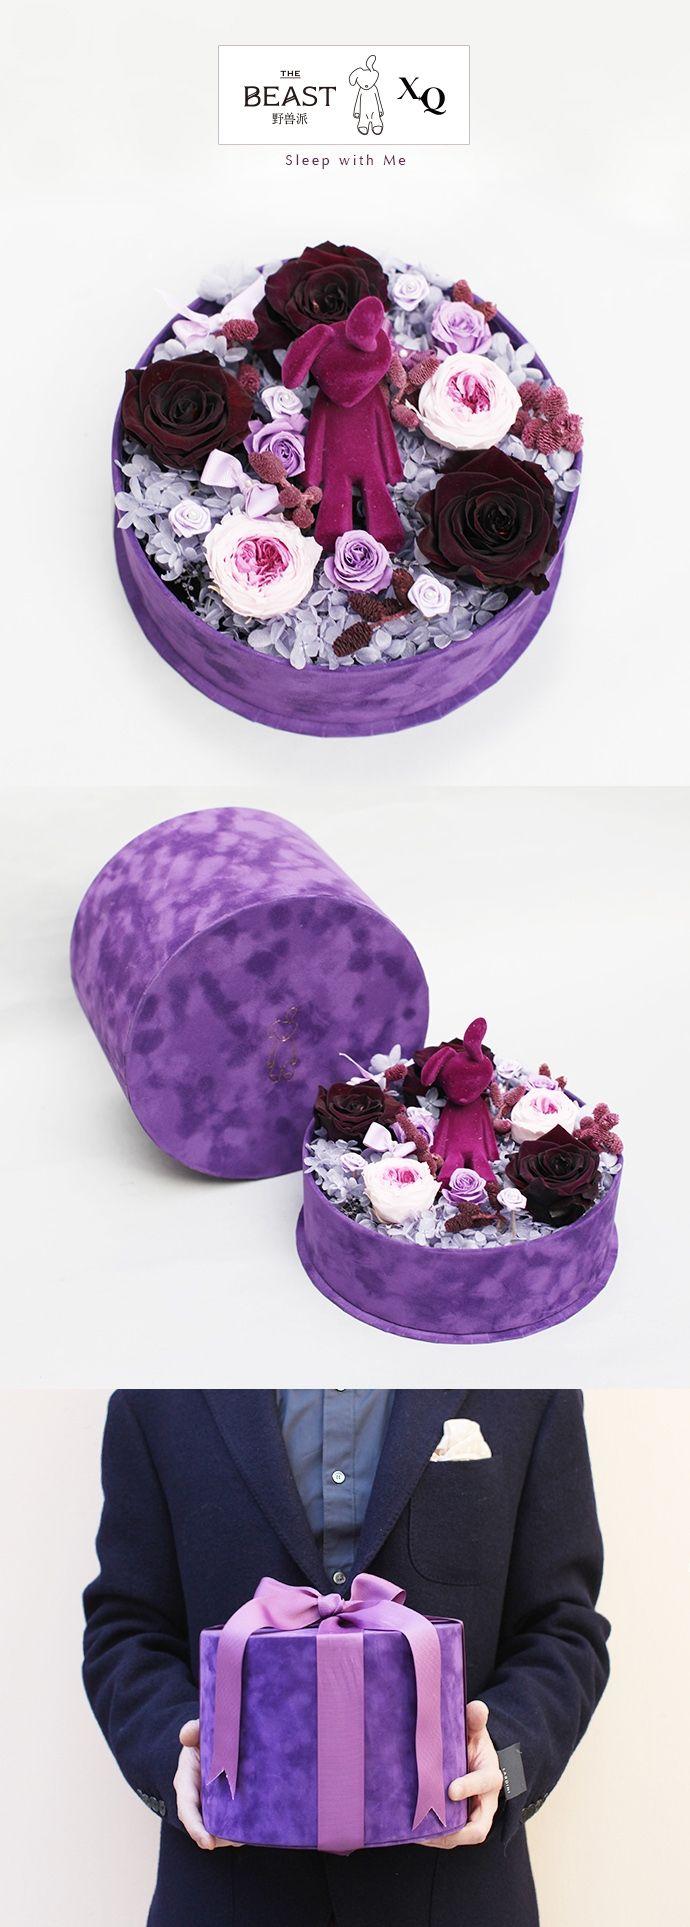 和我睡 艺术限量版永生花盒(紫) - 花艺